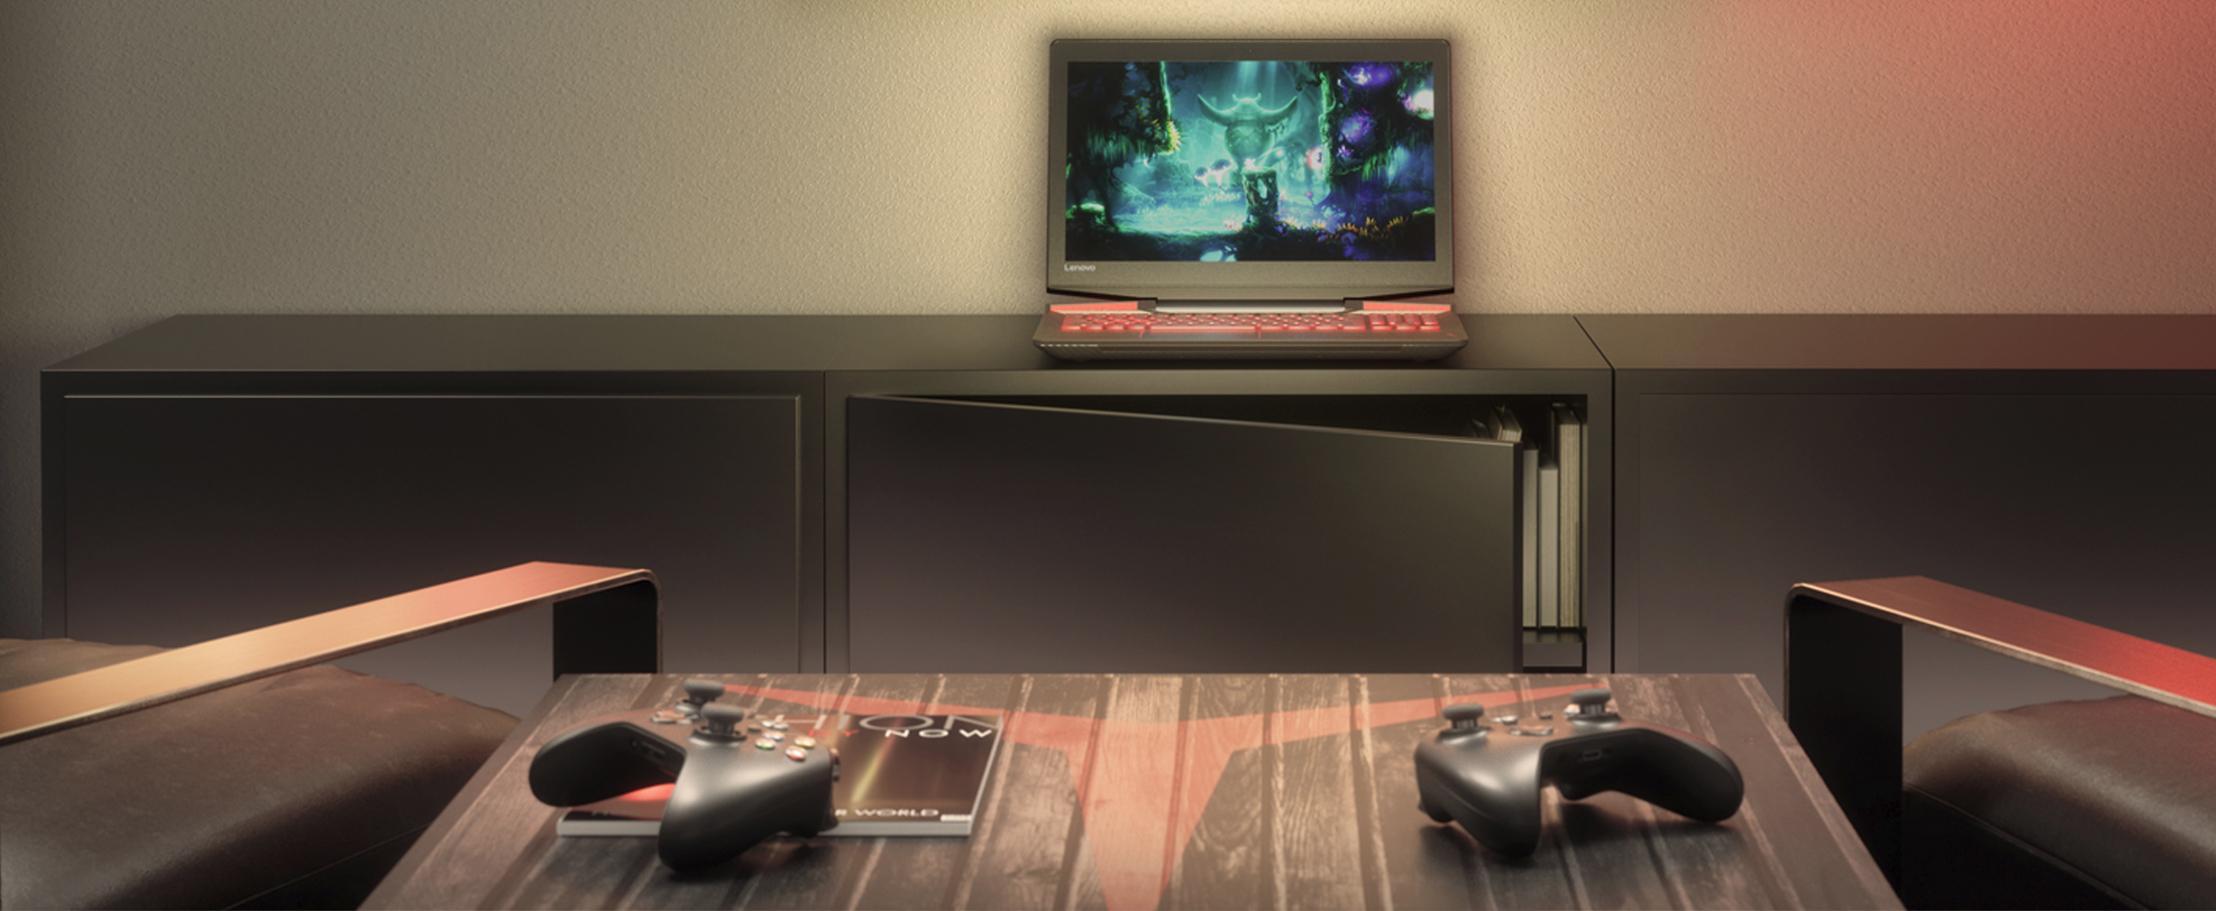 Открыт предзаказ на новый игровой ноутбук Lenovo Legion Y720